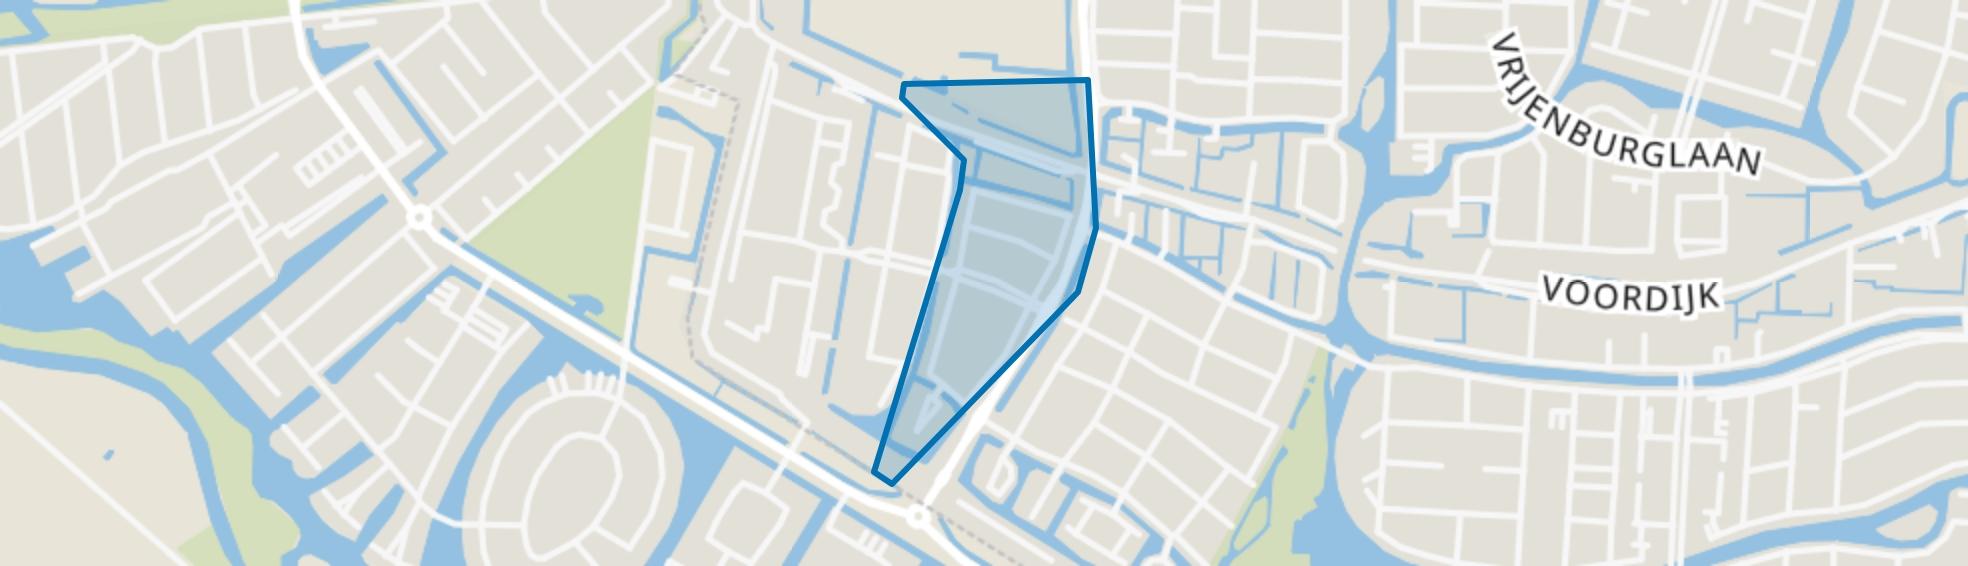 Smitshoek 2, Barendrecht map